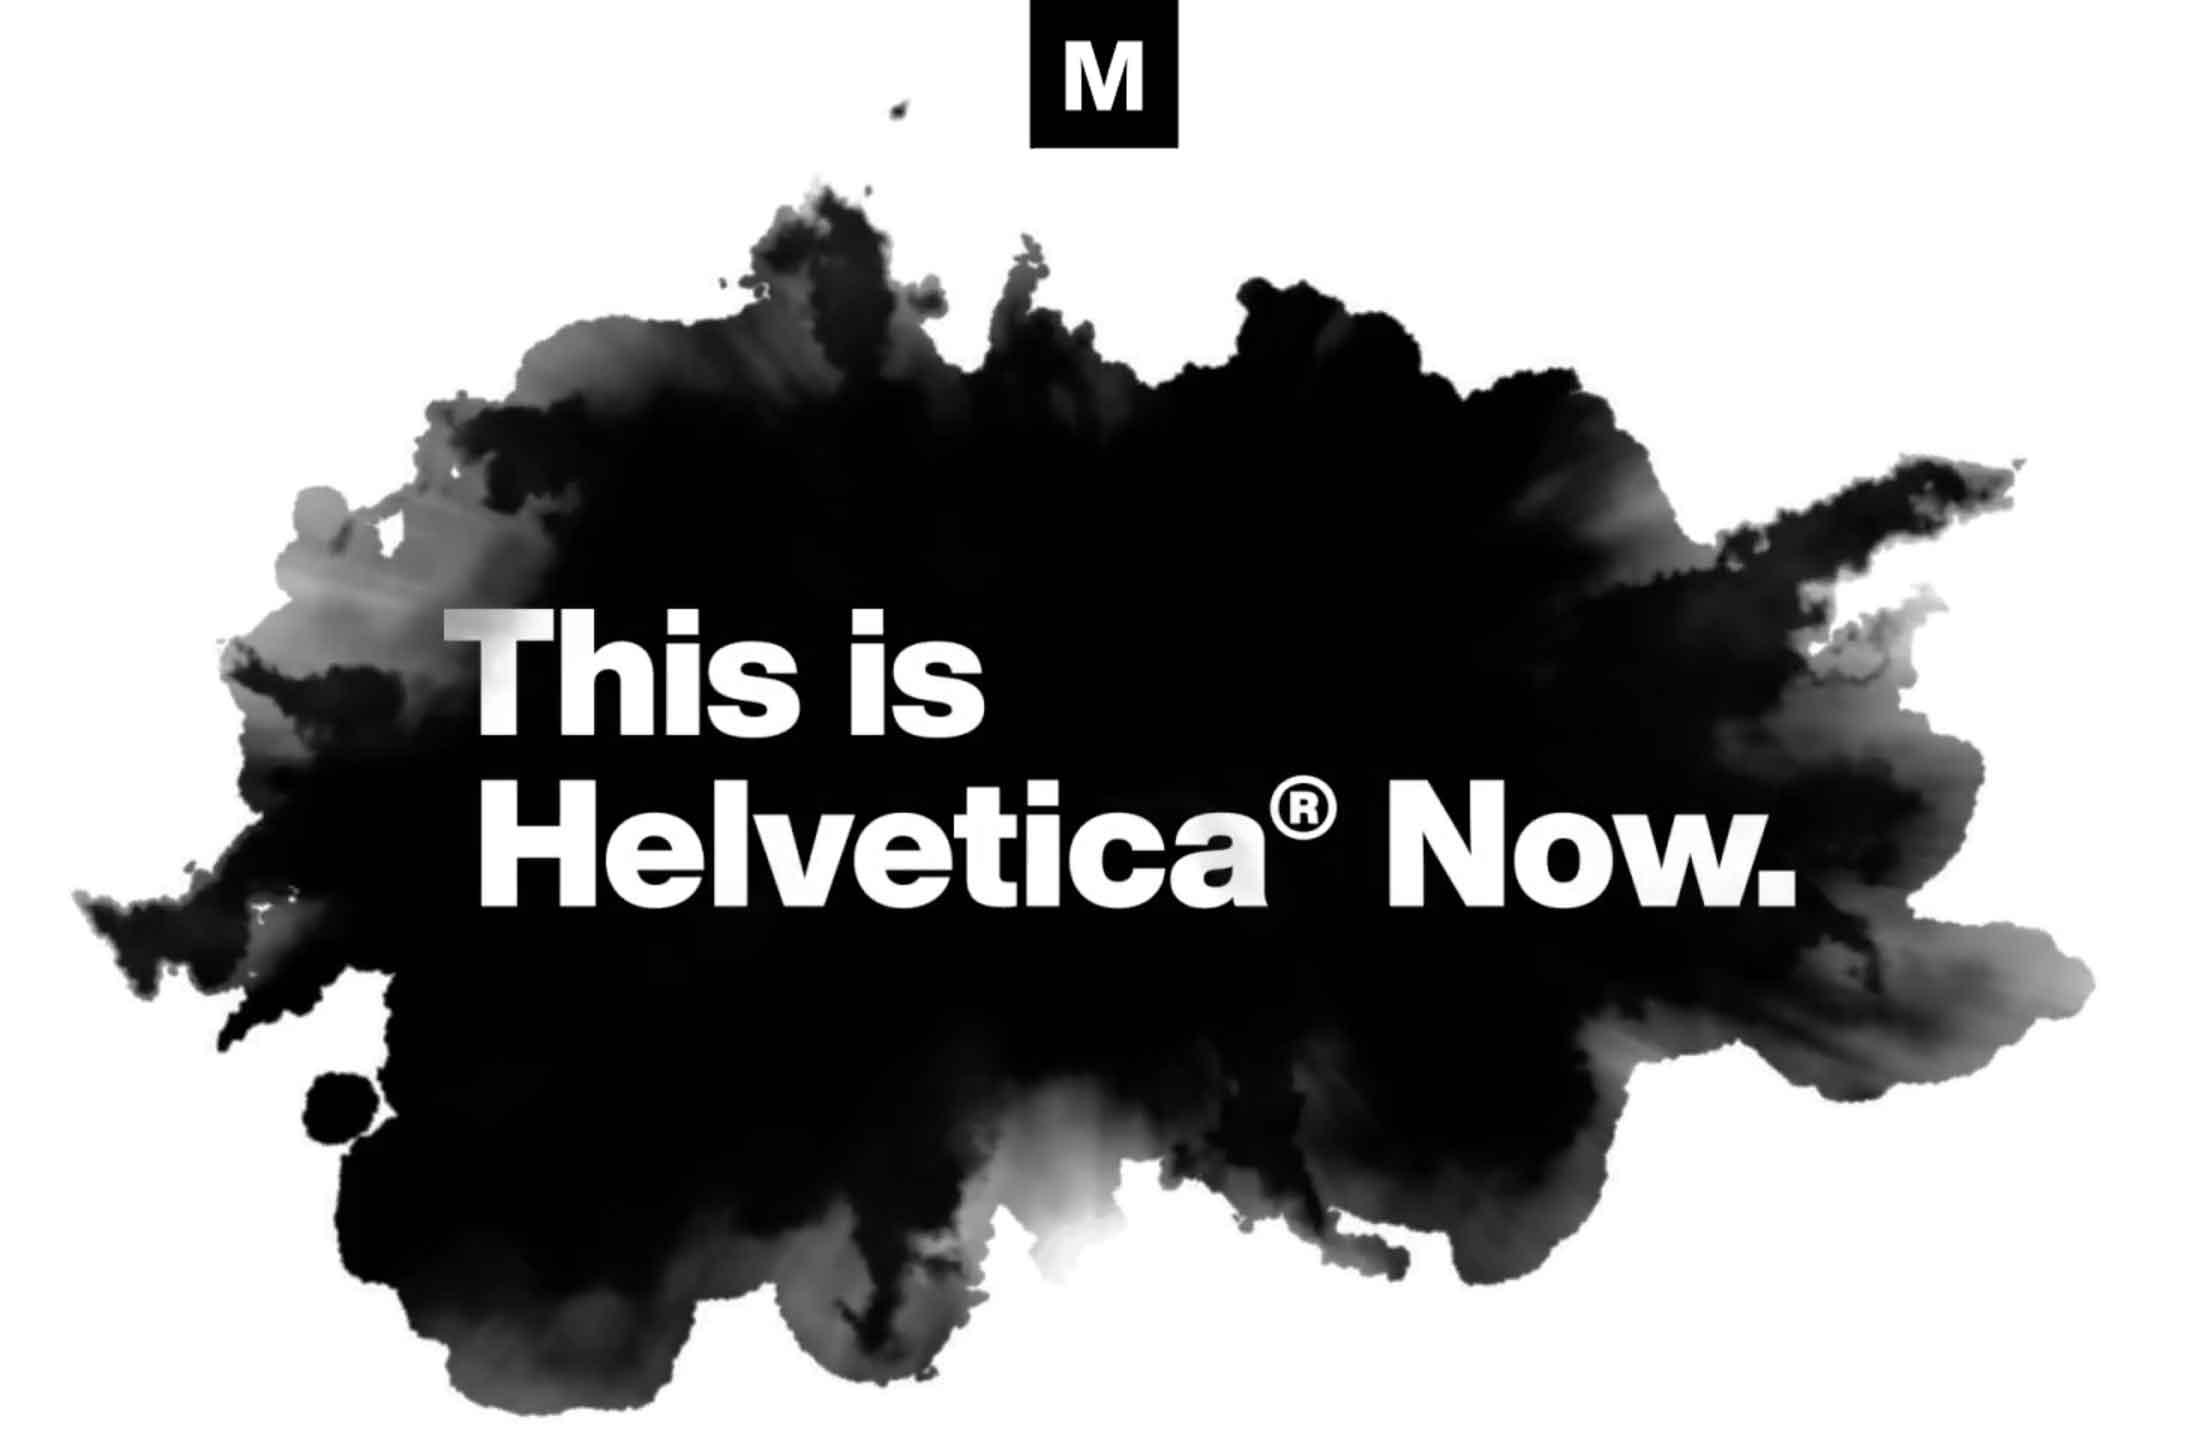 Helvetica Now, la versione moderna e rivista del font Helvetica